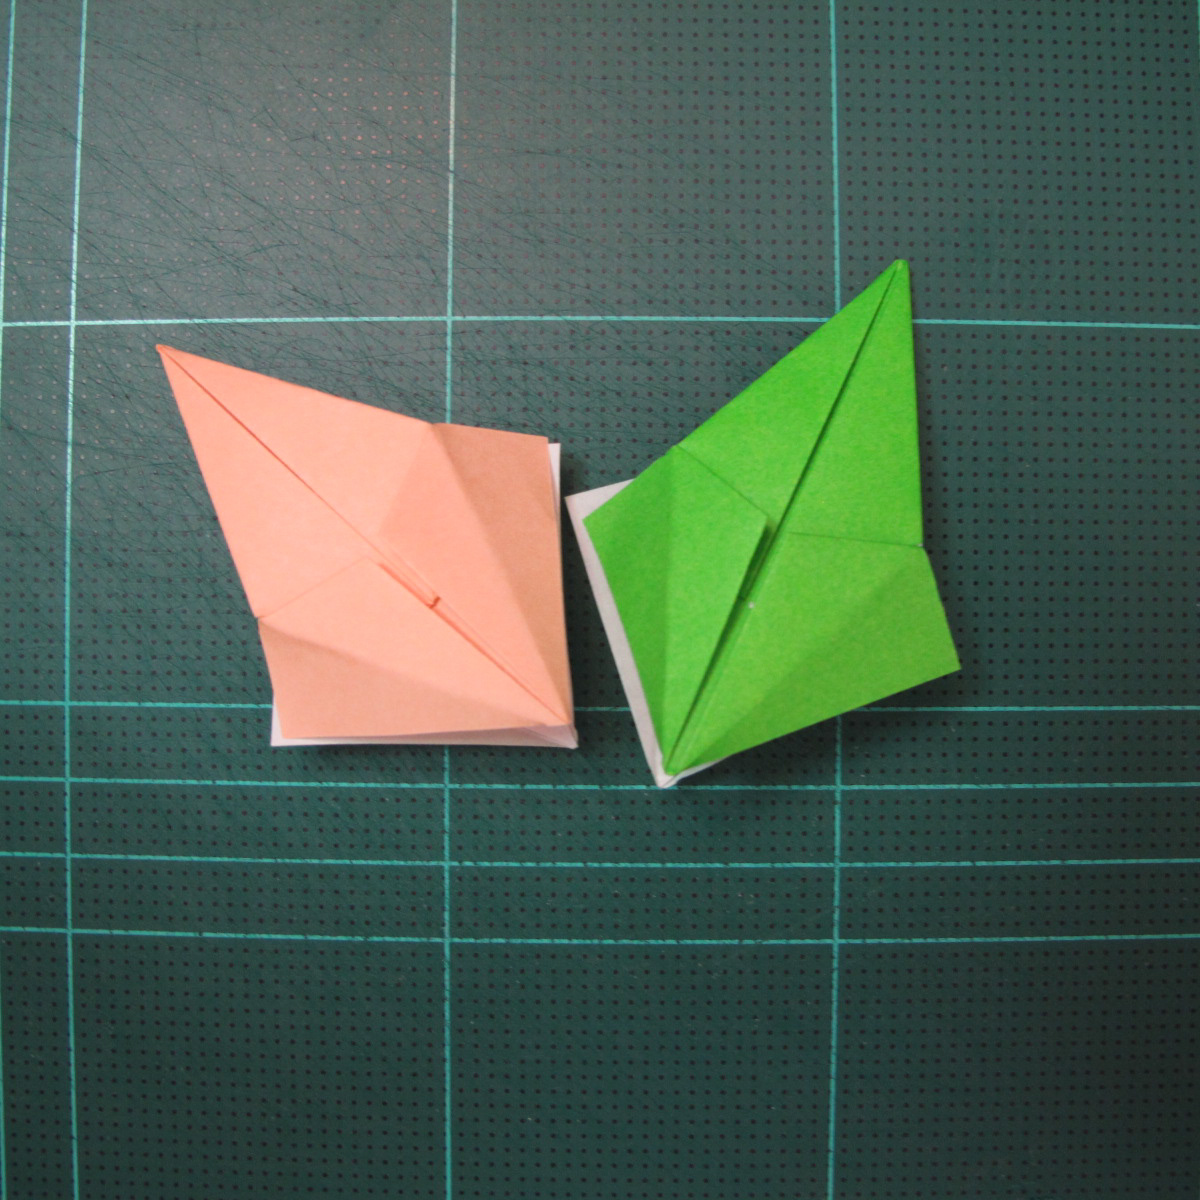 การพับกระดาษแบบโมดูล่าเป็นดาวสปาราซิส (Modular Origami Sparaxis Star) 013